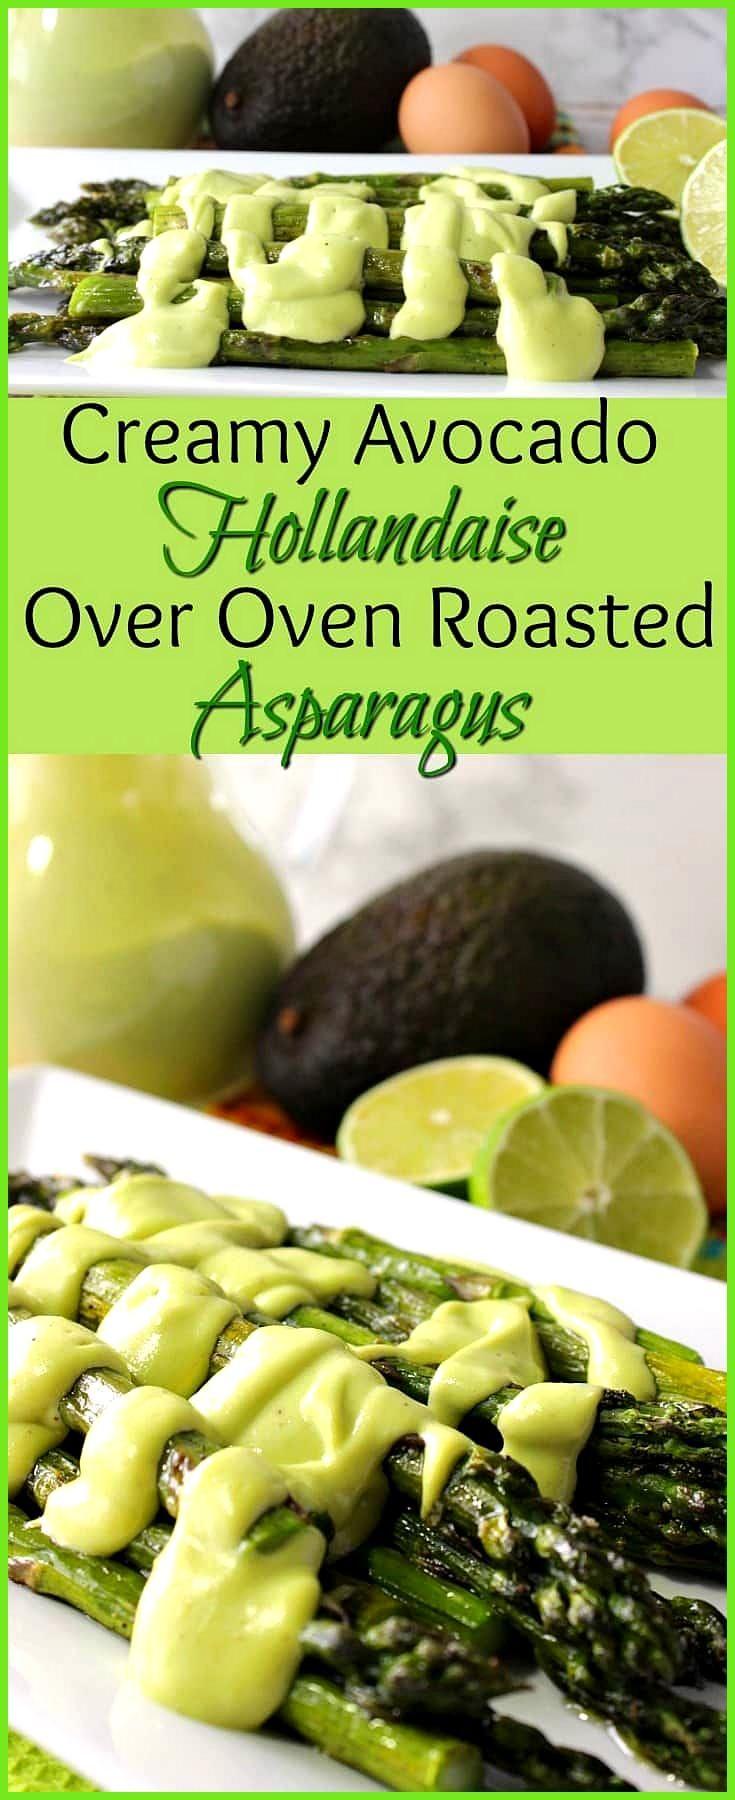 Creamy Avocado Hollandaise Sauce Over Oven Roasted Asparagus Upgrade your oven roasted asparagus wi